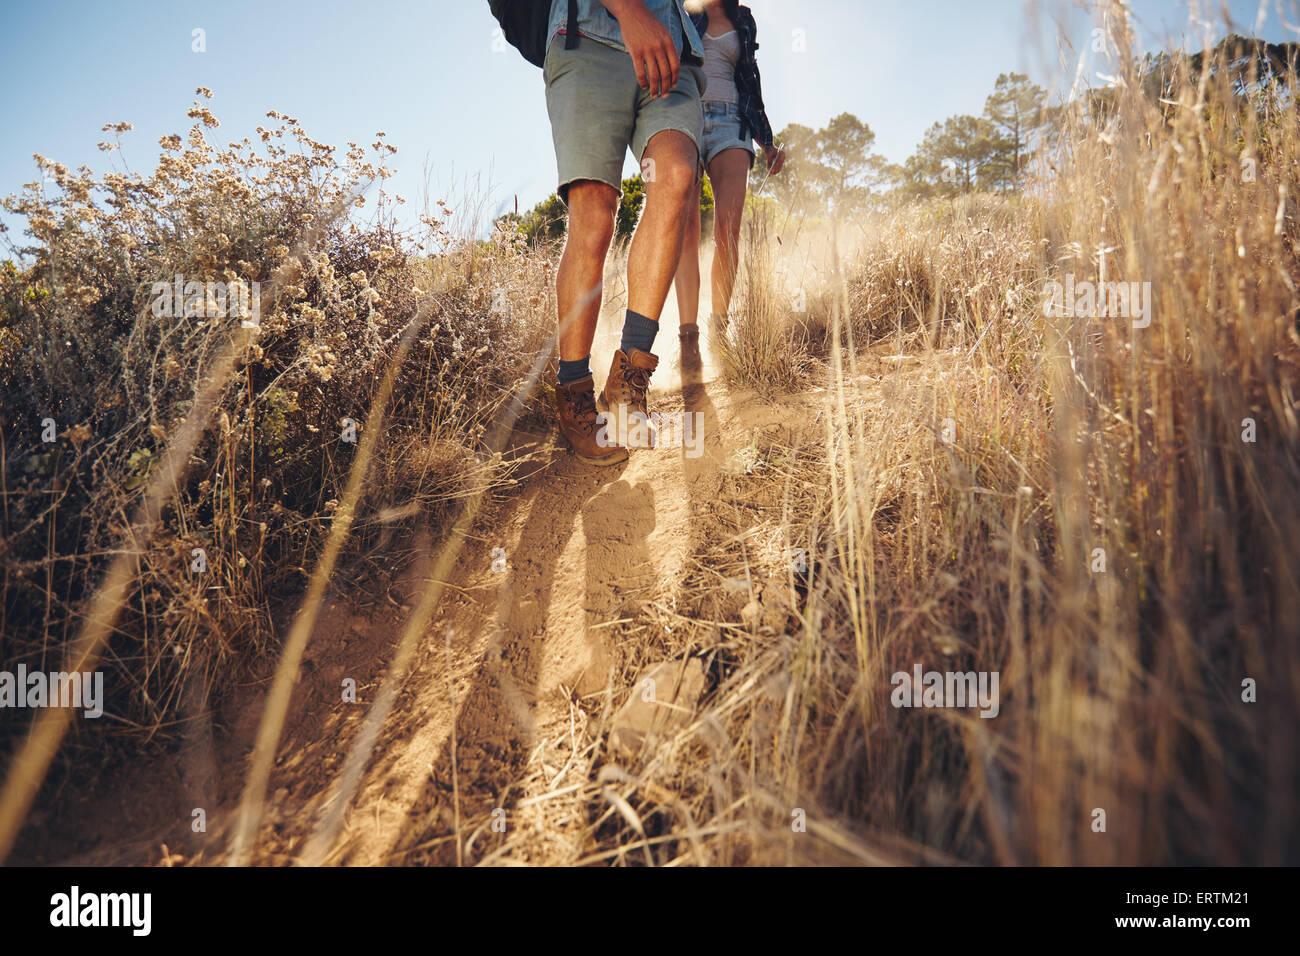 Basso angolo vista della coppia giovane camminando sul paese percorso trail. Escursionismo coppia sulla montagna Immagini Stock